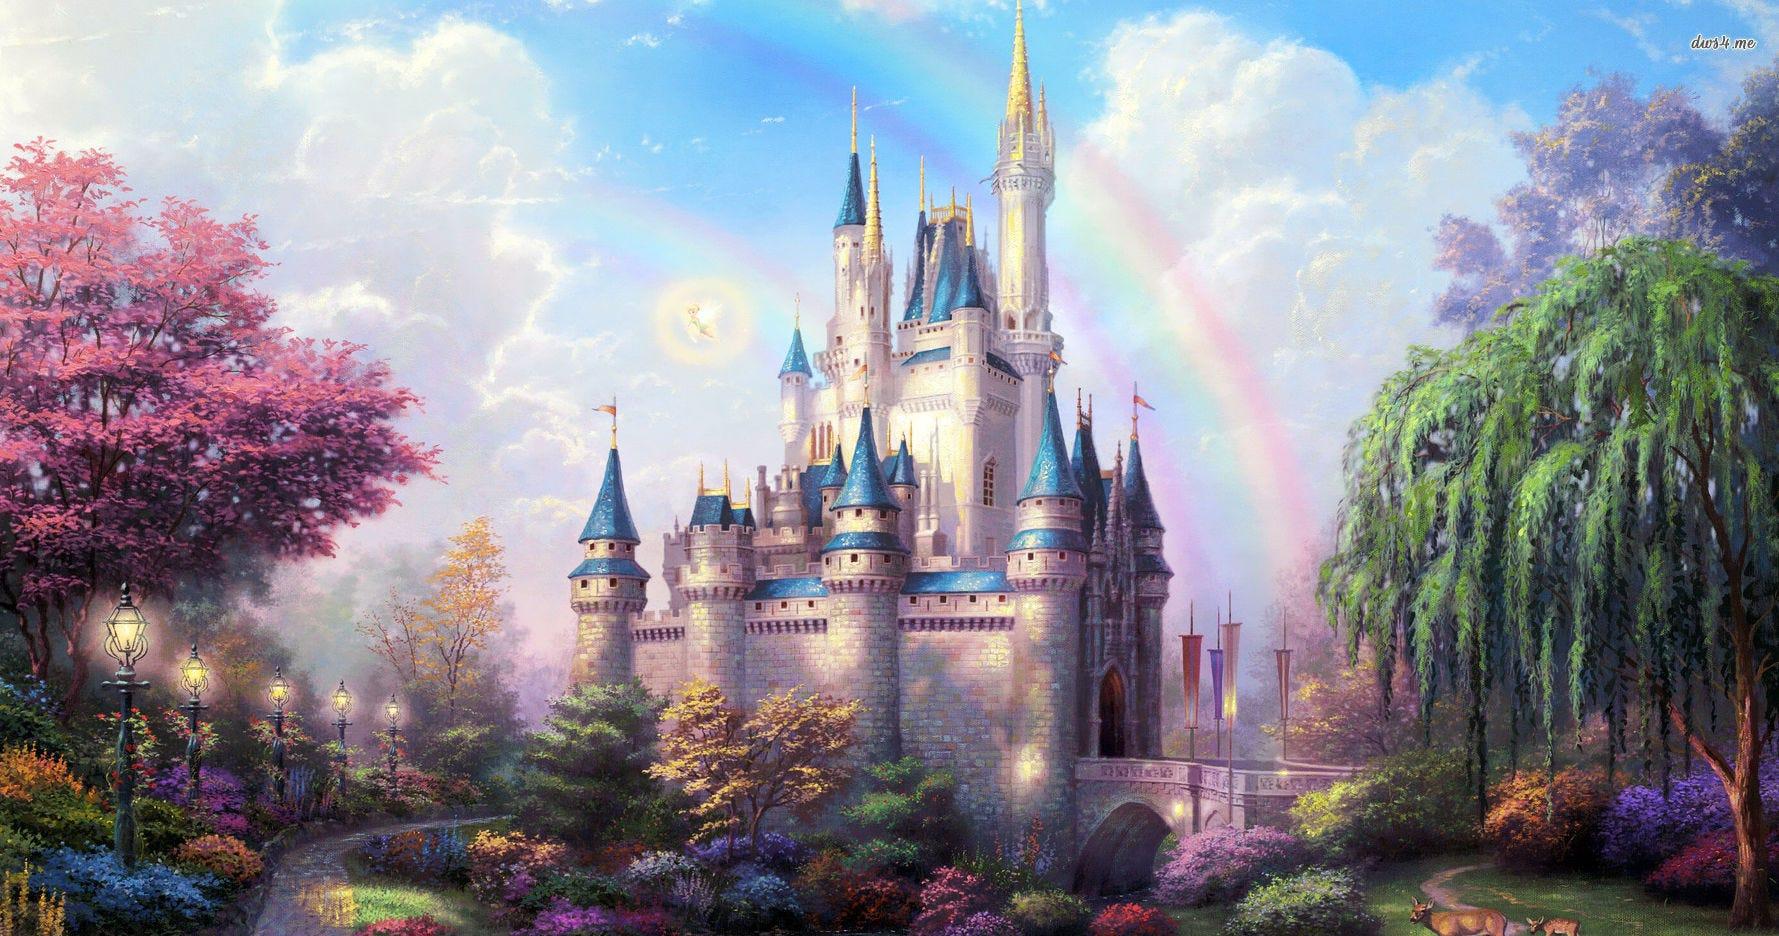 A Fairytale Bliss